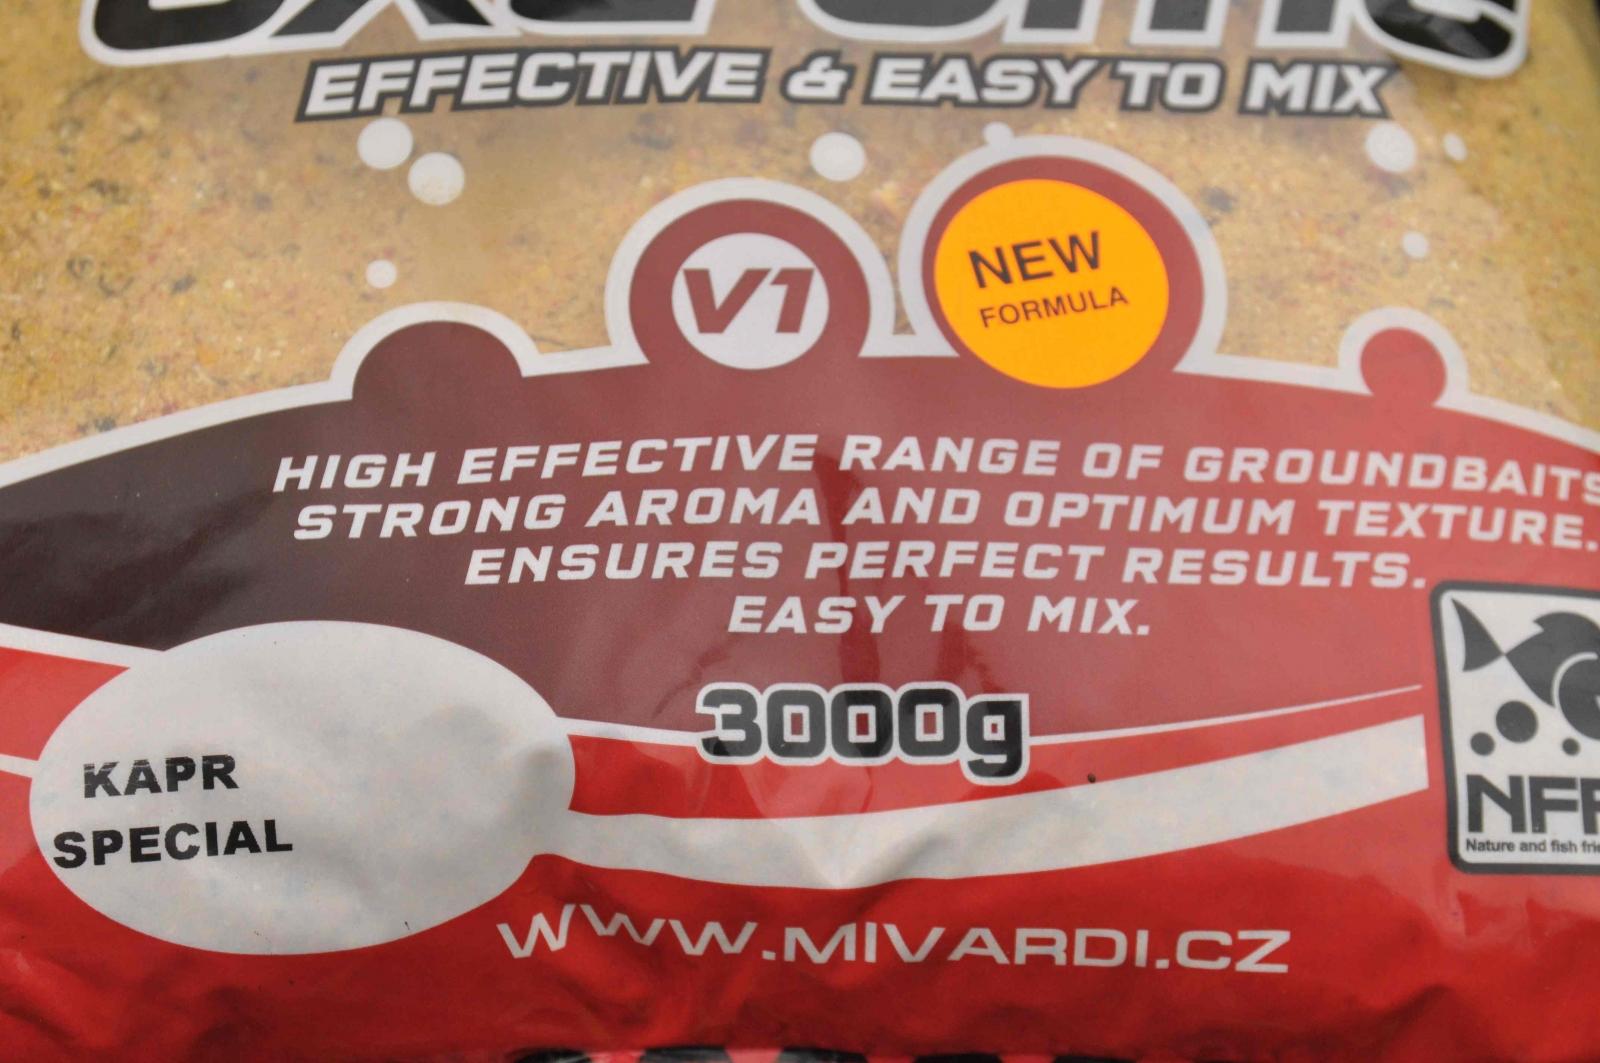 Vnadící směs Mivardi V1 Kapr Special 3 kg